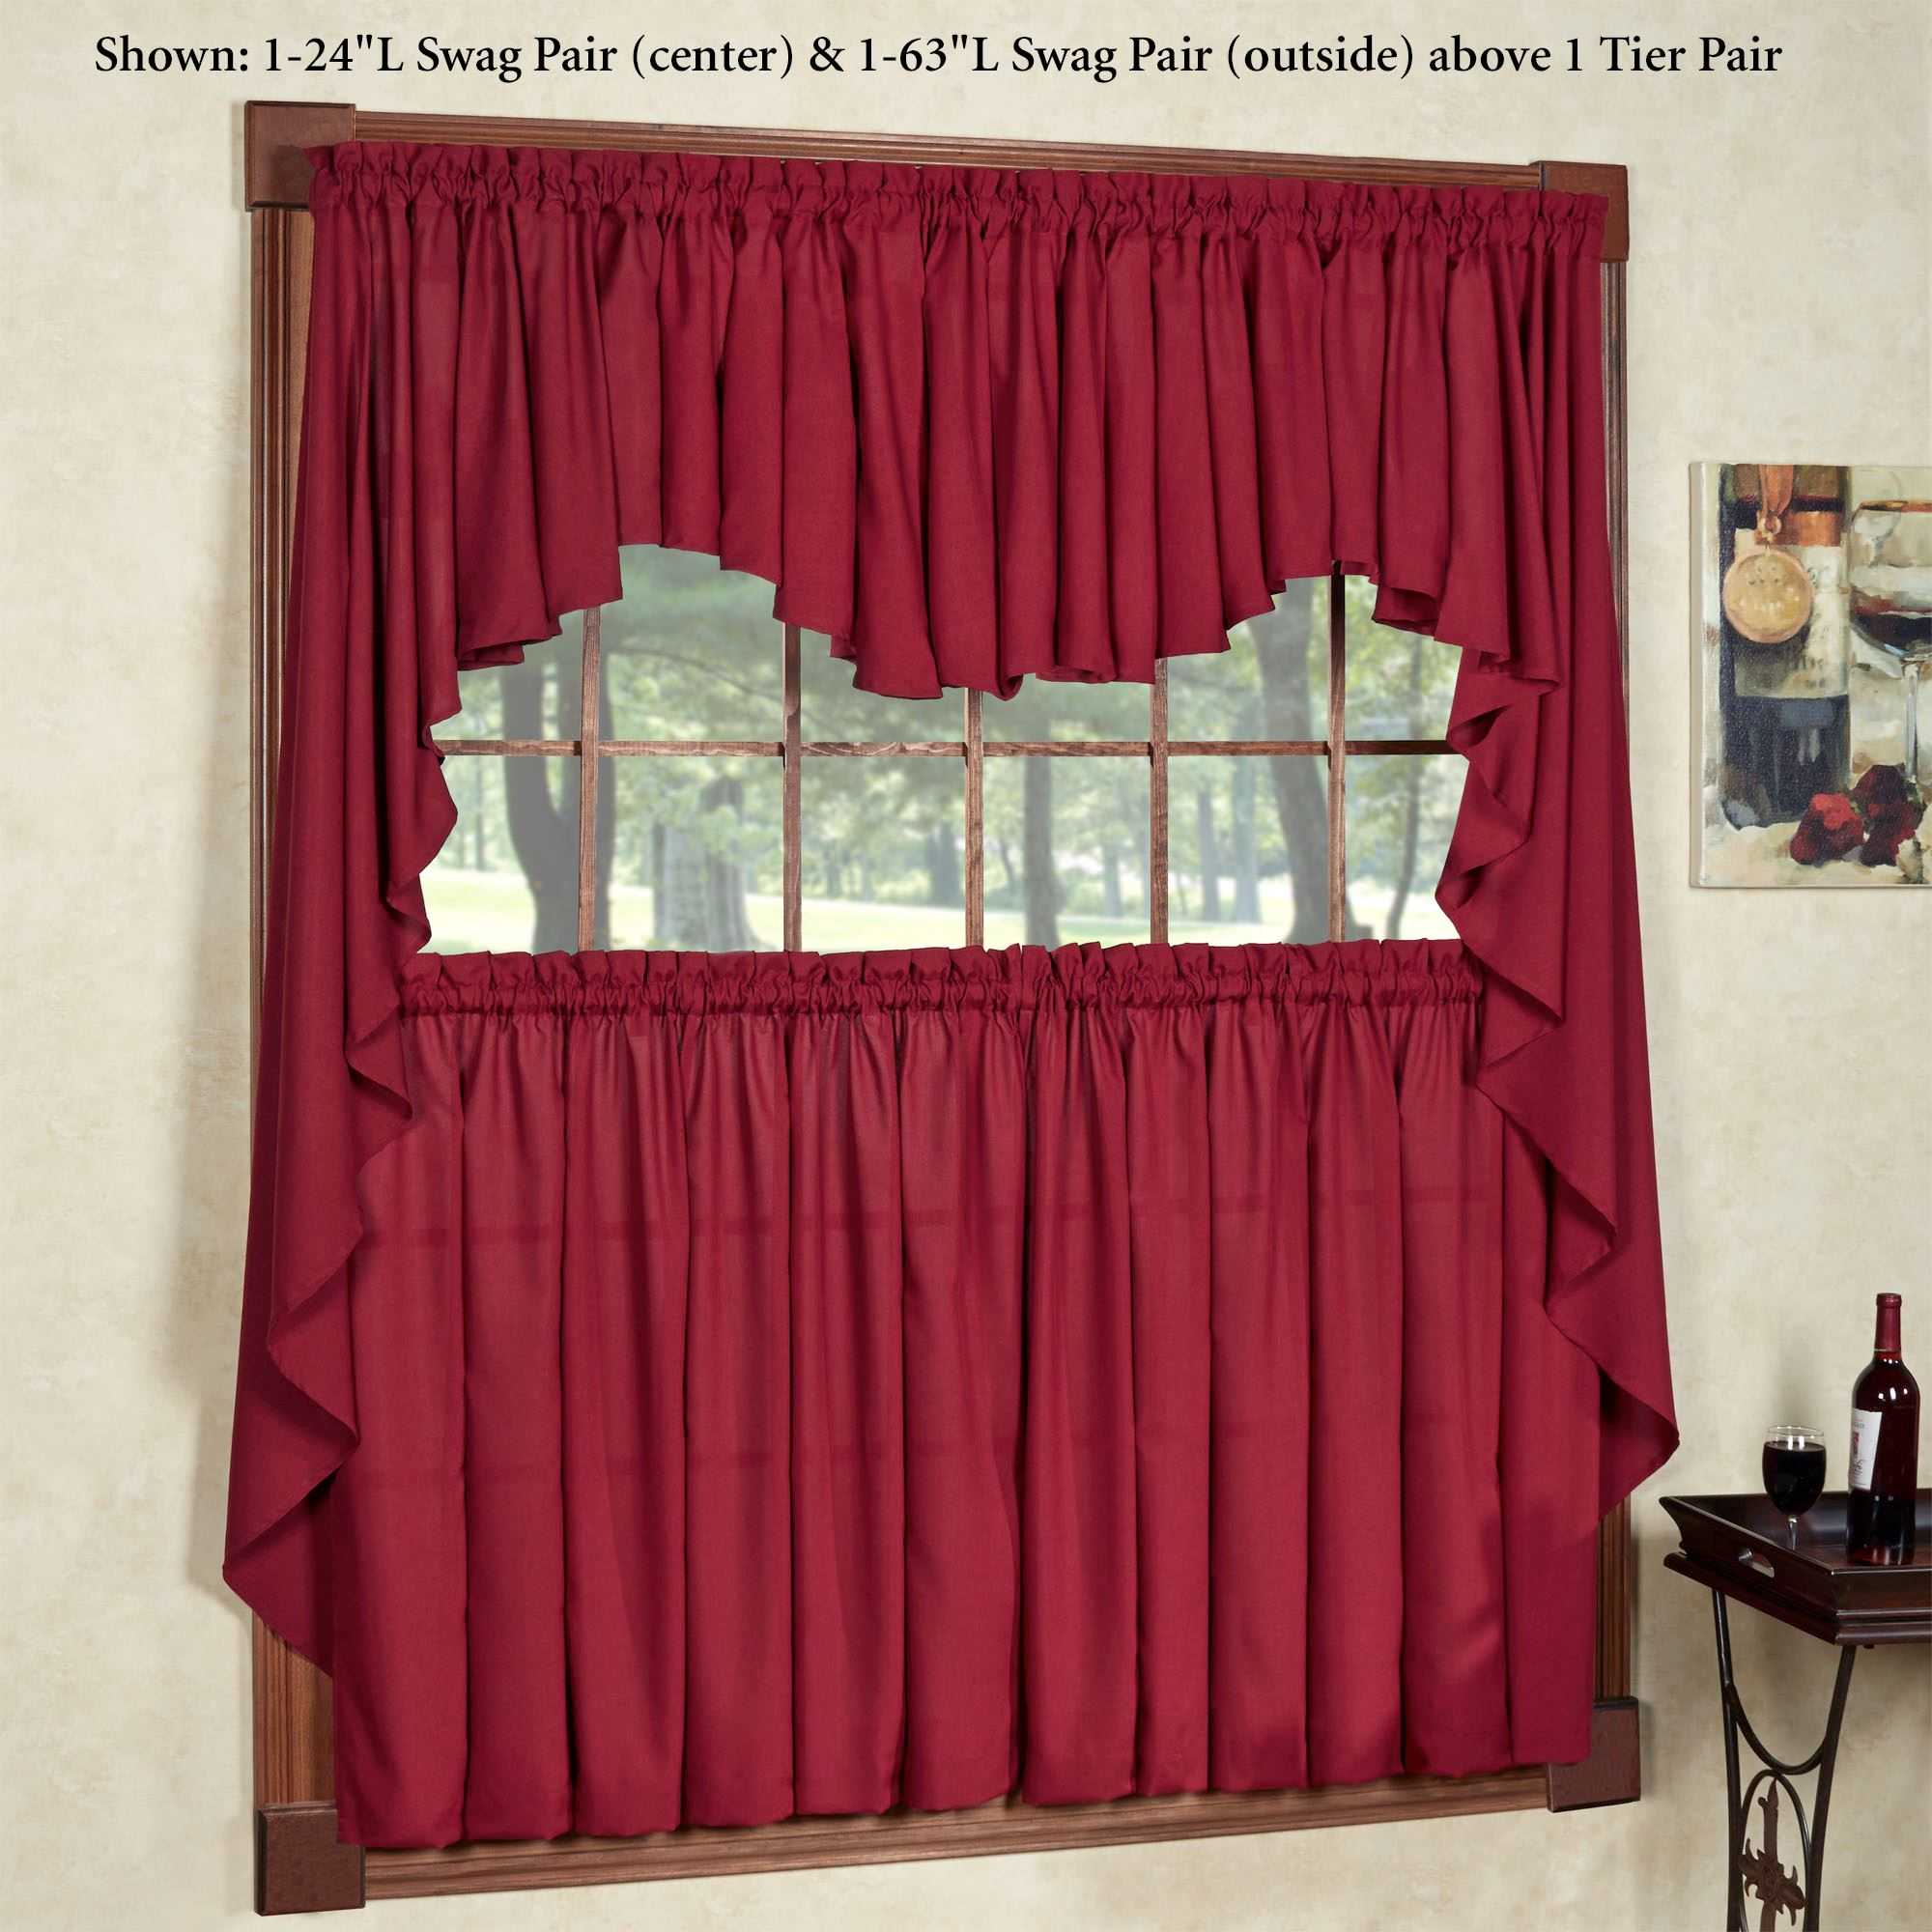 Glasgow Rod Pocket Valance Window Treatment